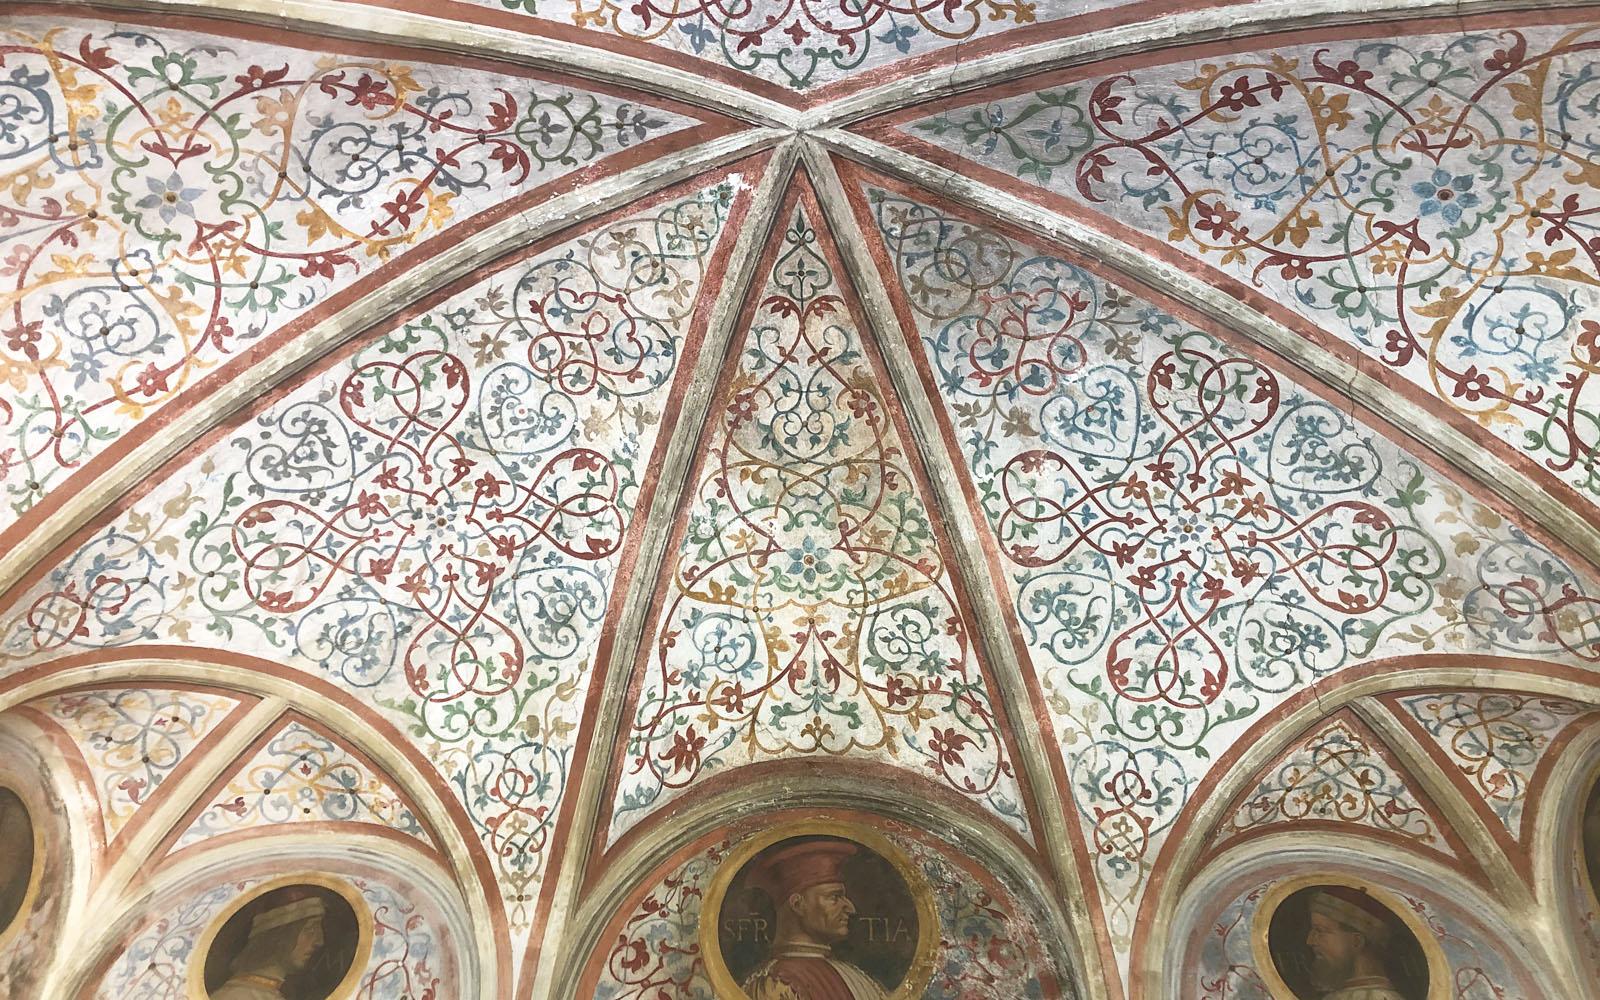 Il soffitto affrescato della Sala dei Ritratti.